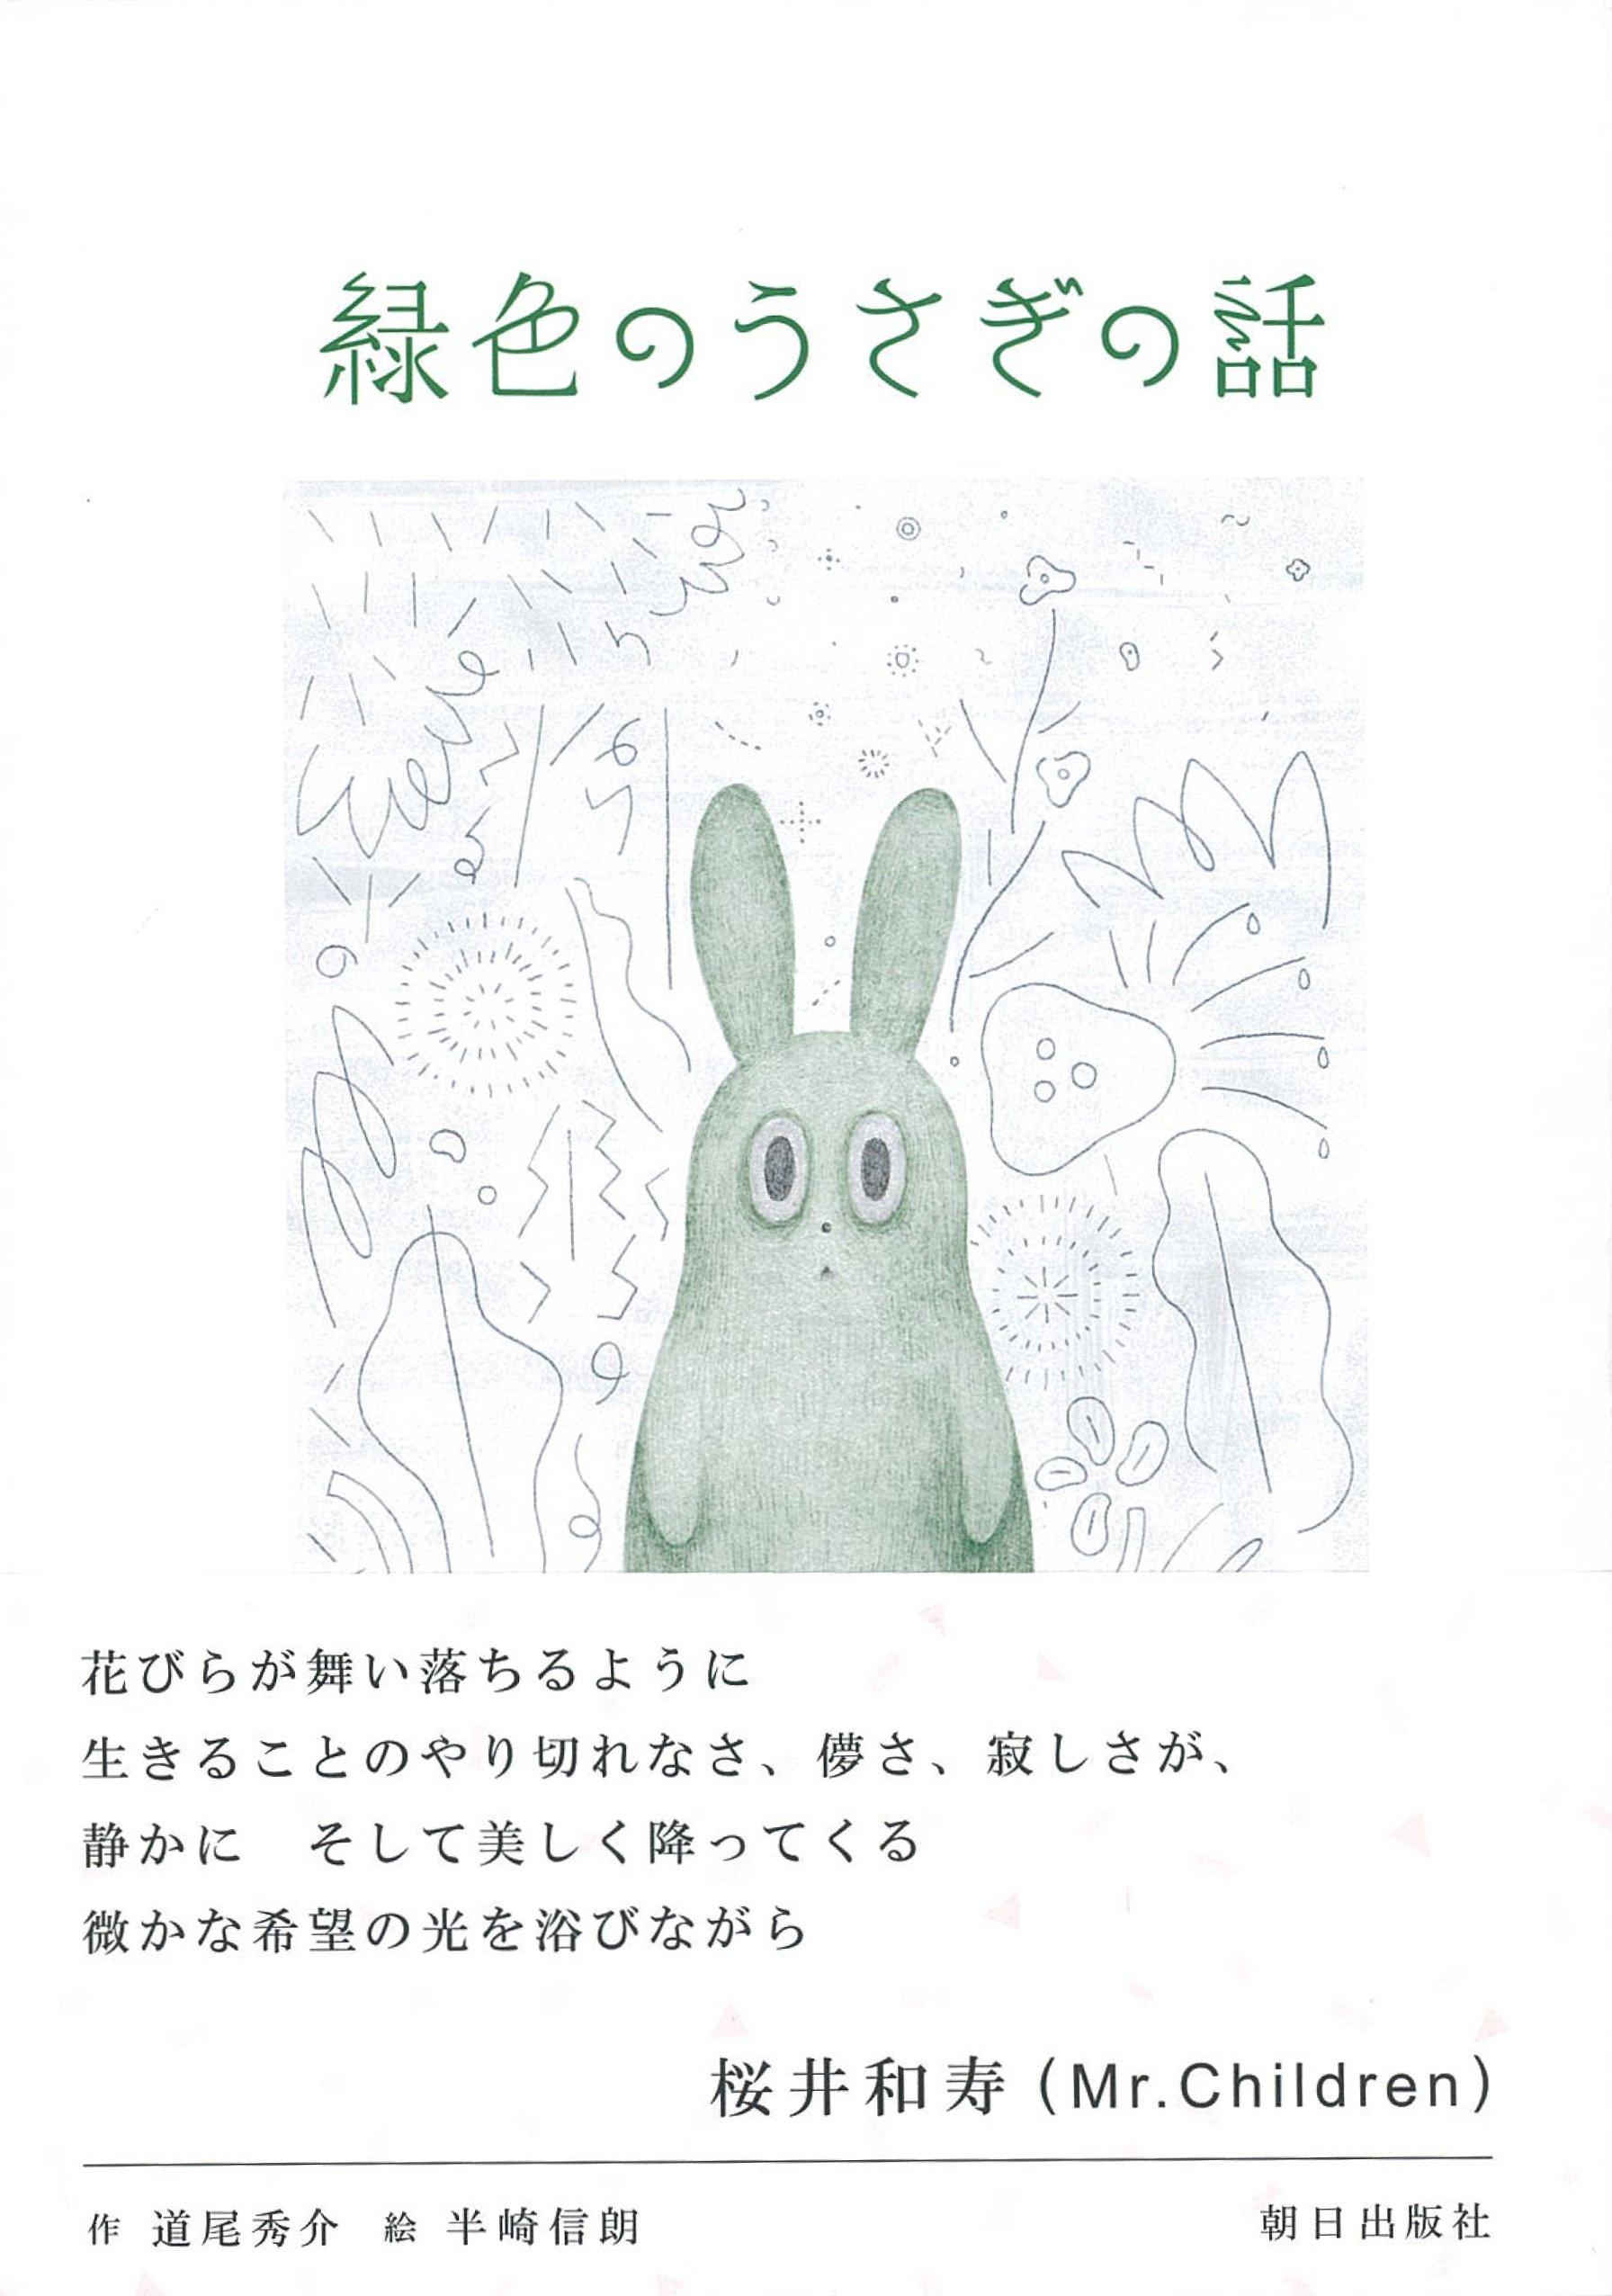 小学生でも泣ける小説5選!感動に、年齢制限はない